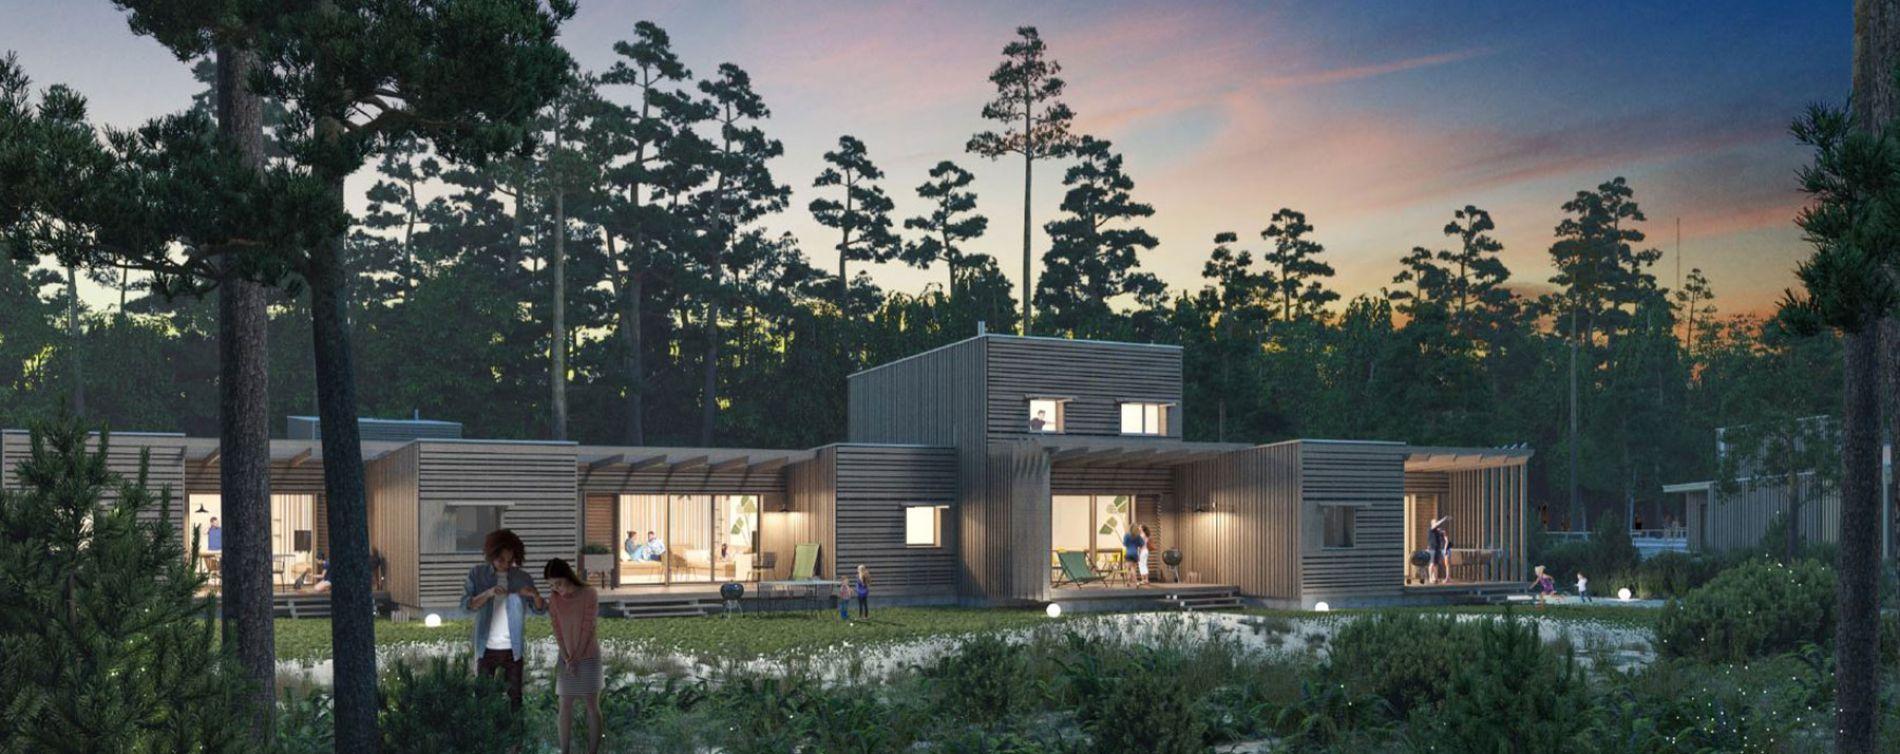 Beauziac : programme immobilier neuve « Center Parcs Landes de Gascogne » (5)